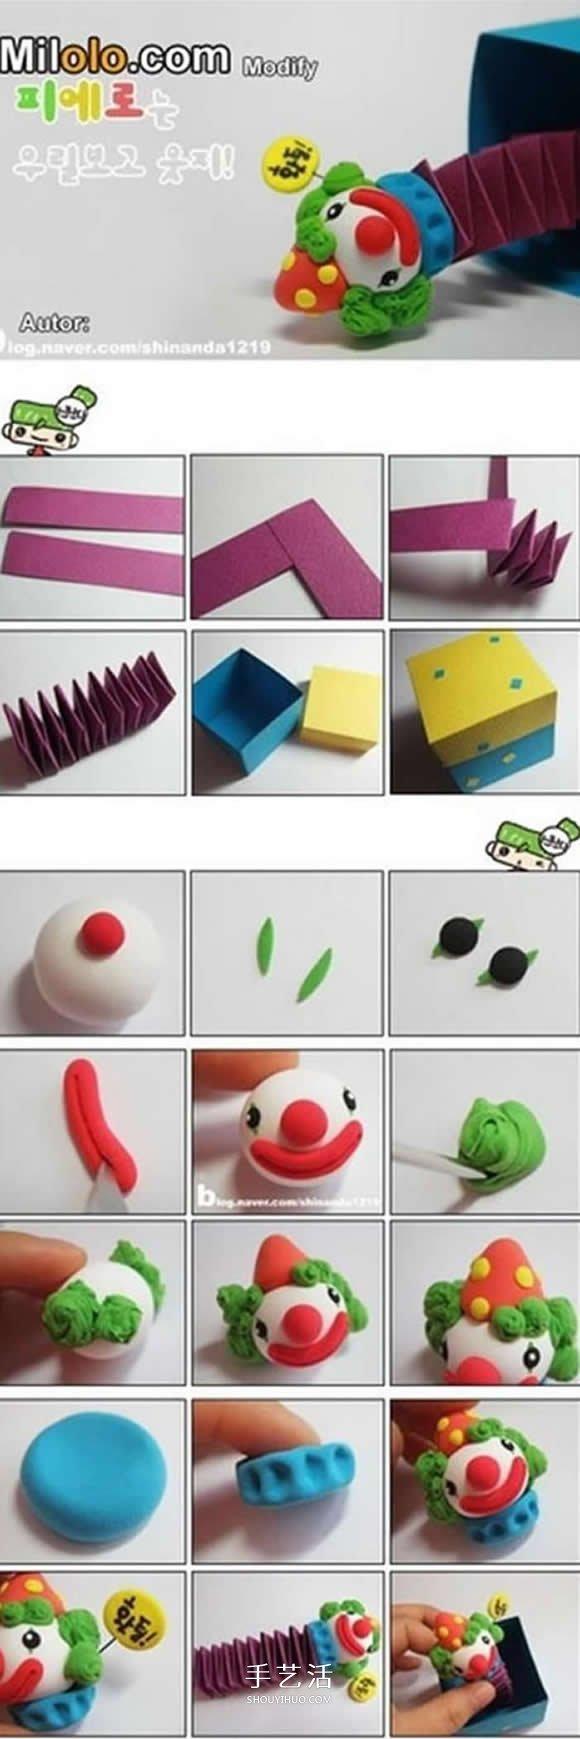 怎么做粘土手办?9种可爱超轻粘土人偶DIY图解 -  www.shouyihuo.com